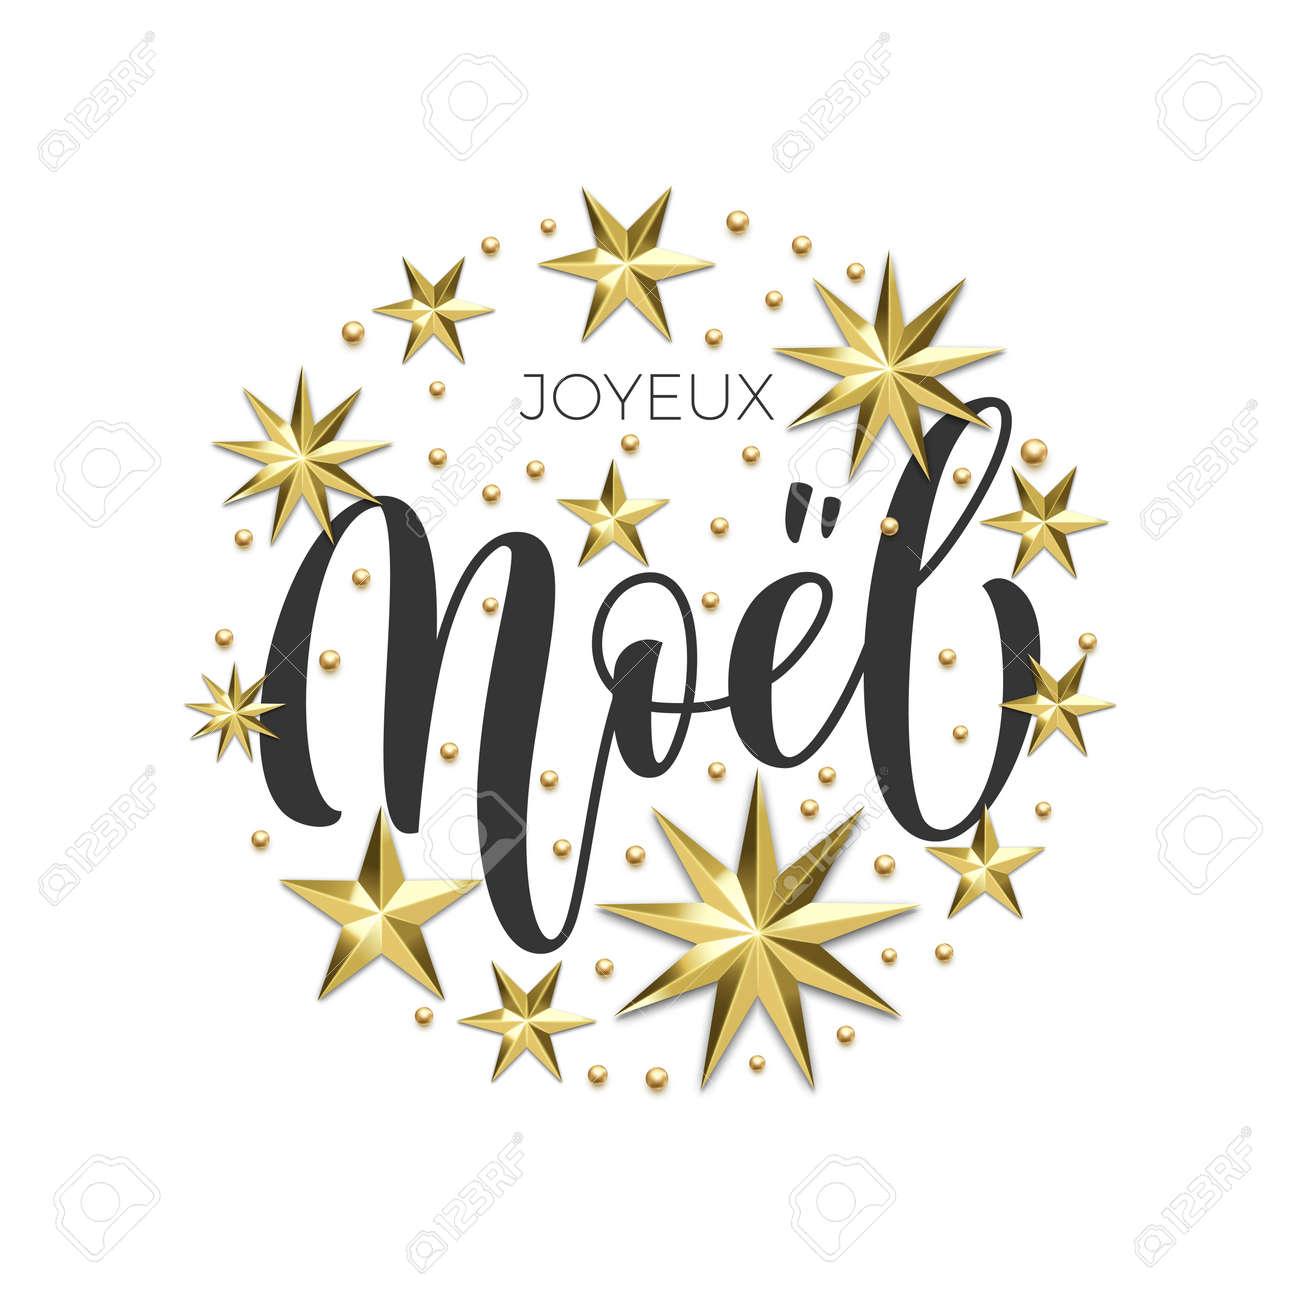 Joyeux Noel Français Joyeux Noël Vacances Décoration Dorée Police De Calligraphie Pour Carte De Voeux Ou Invitation Sur Fond Blanc Vector Noël Ou